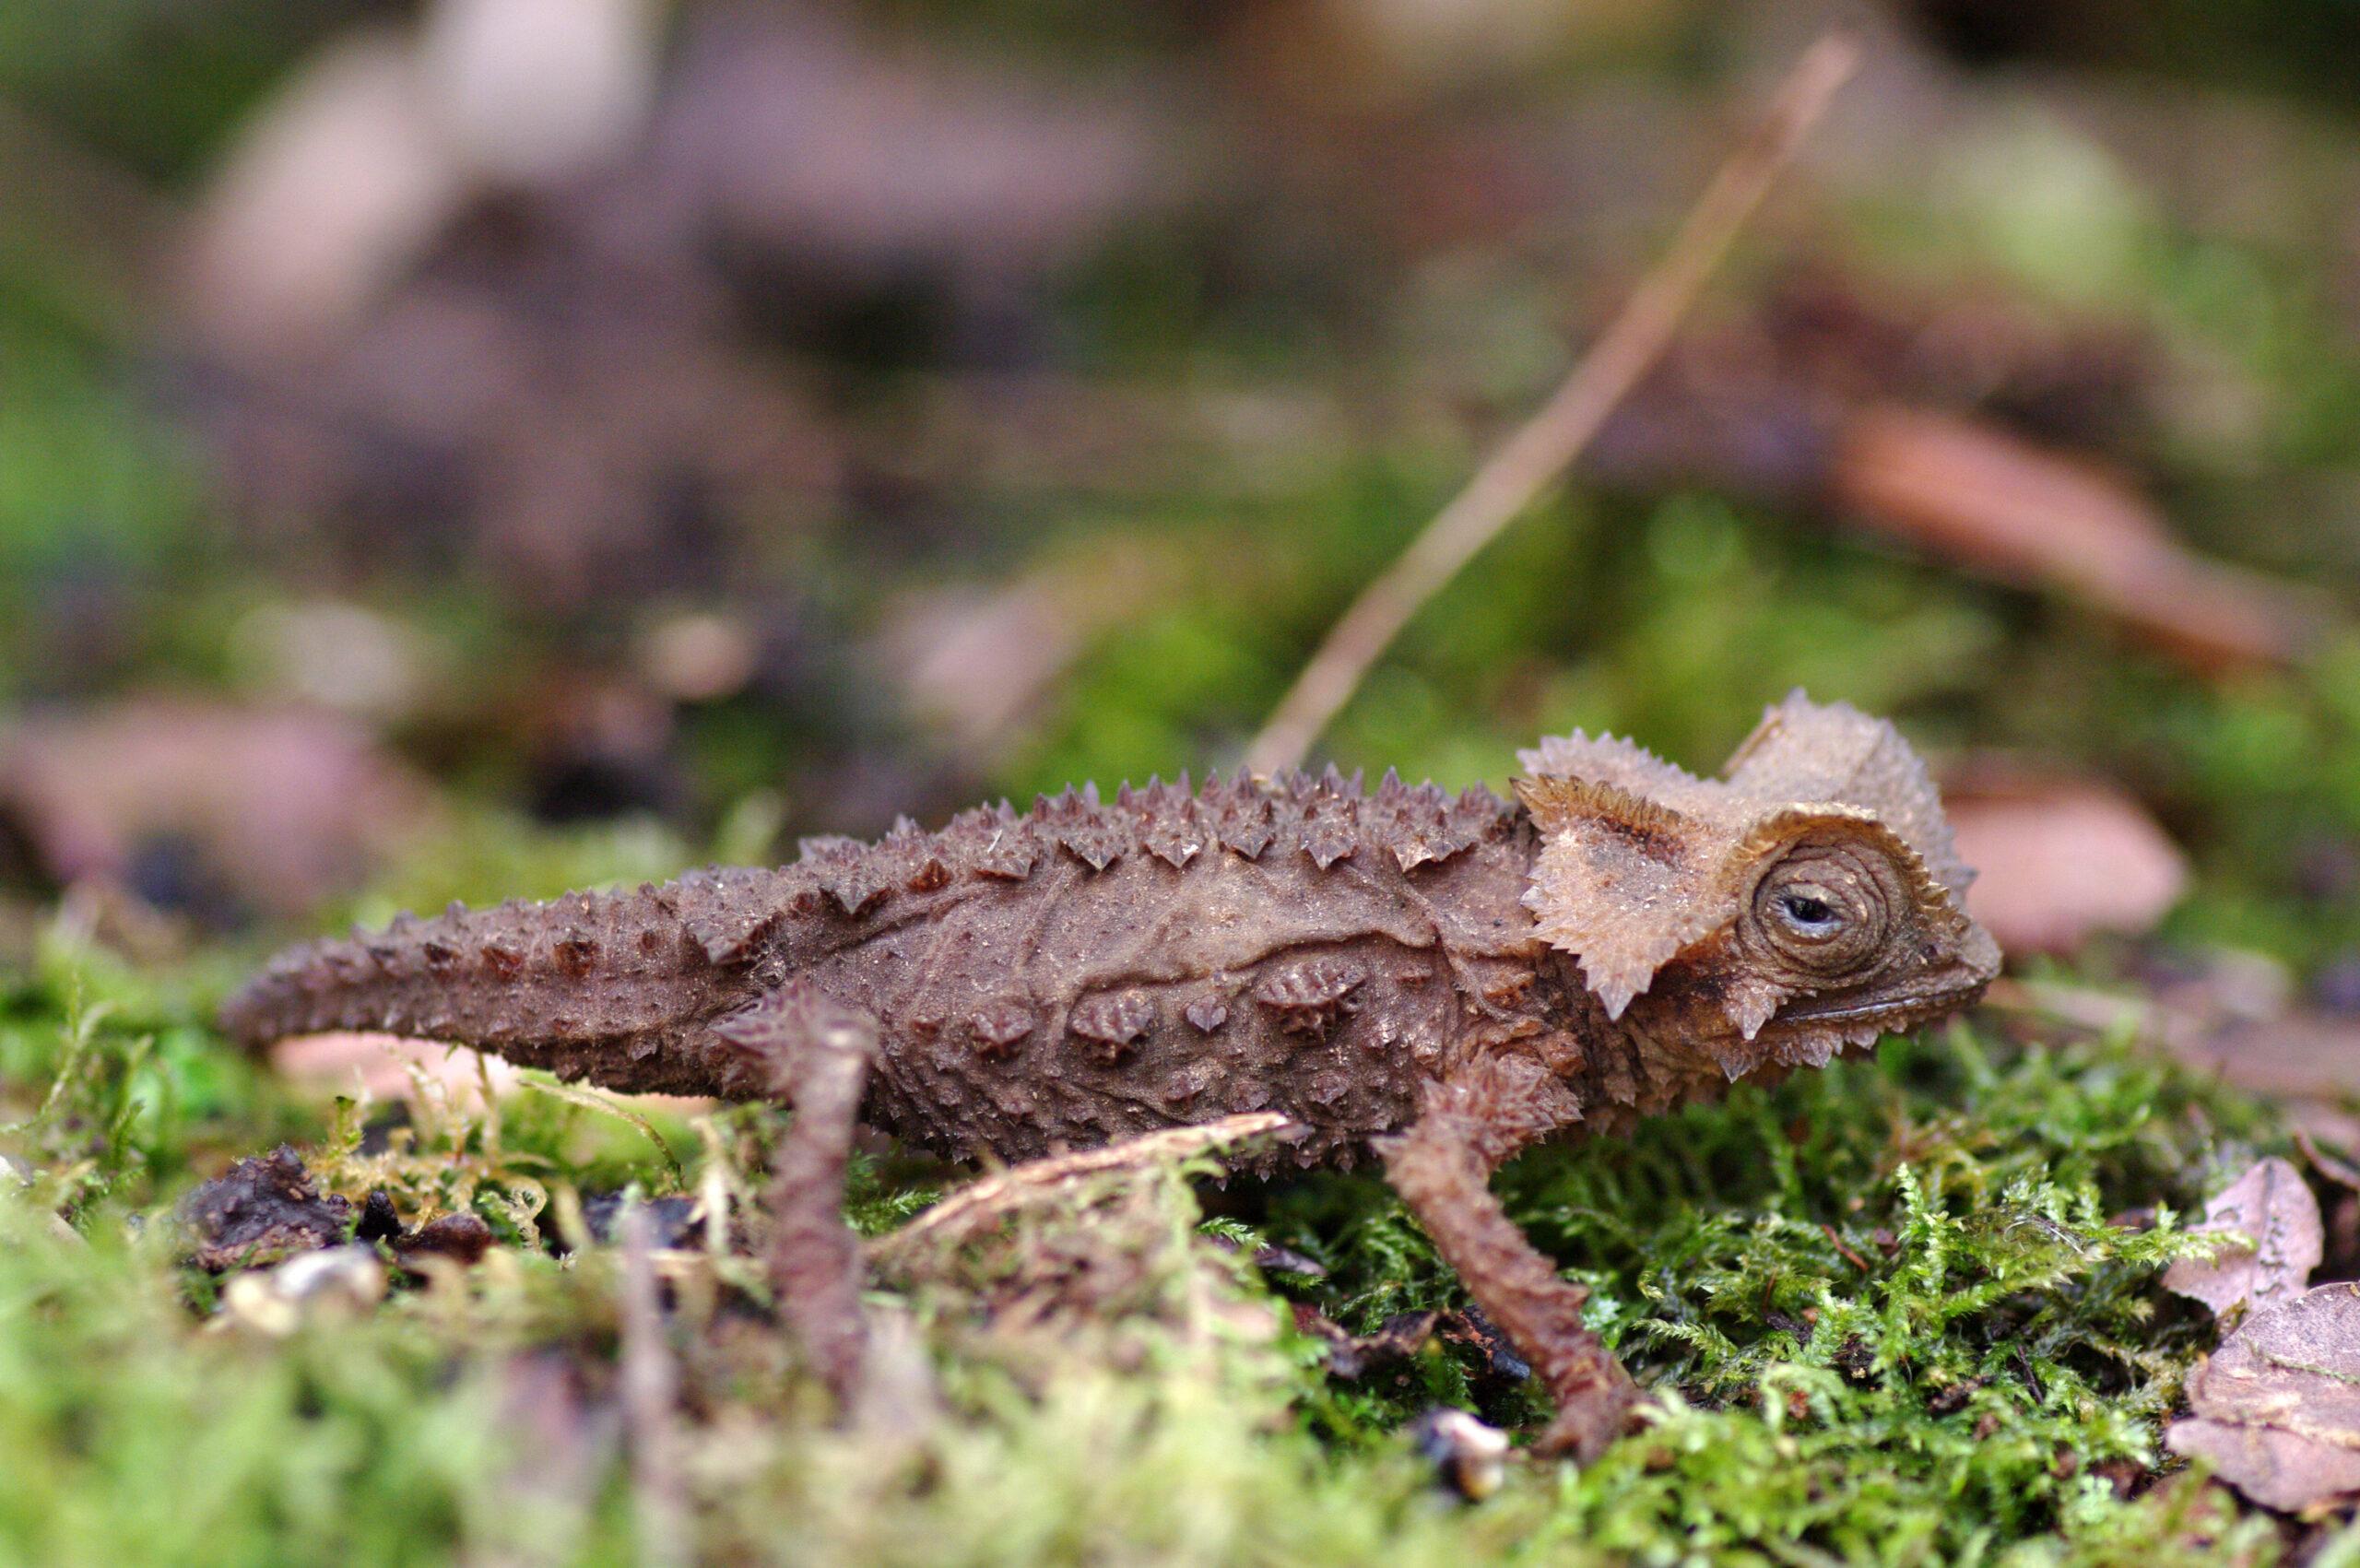 das-seltene-chameleon-Madagaskars - Steib-Pur-Reisen